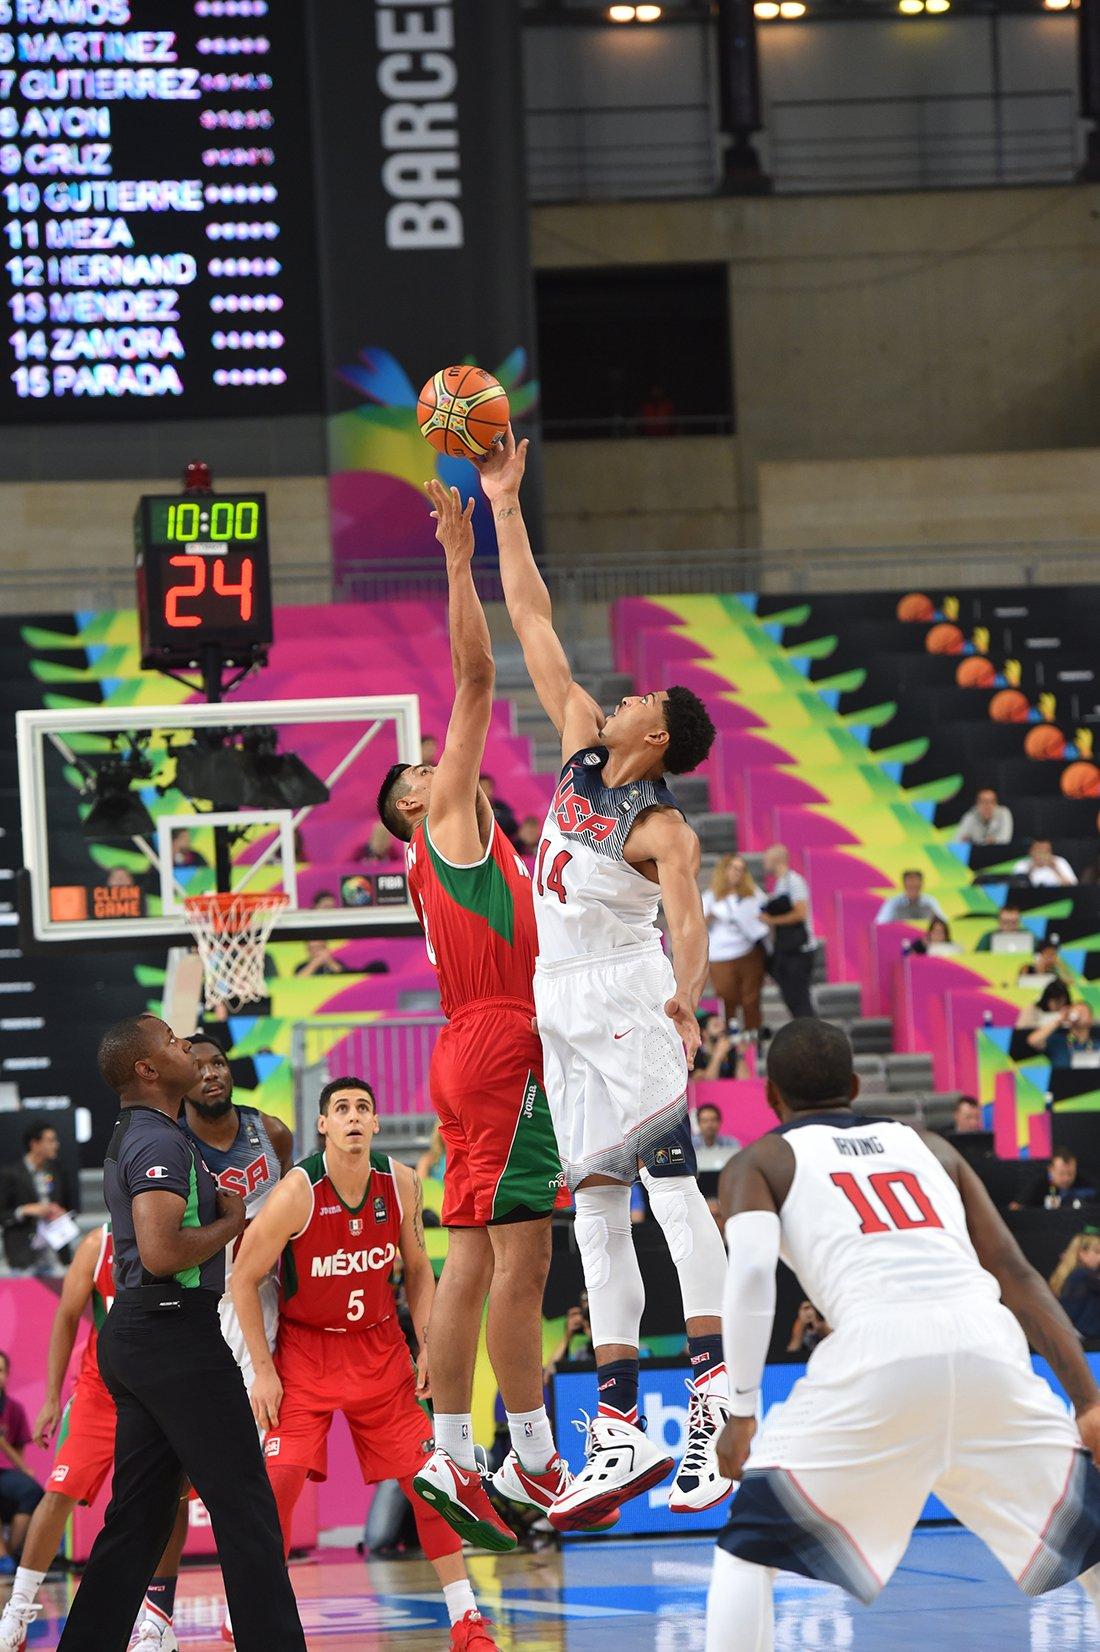 octavos de final mexico contra estados unidos en el mundial de basquetbol españa 2014en viva basquet